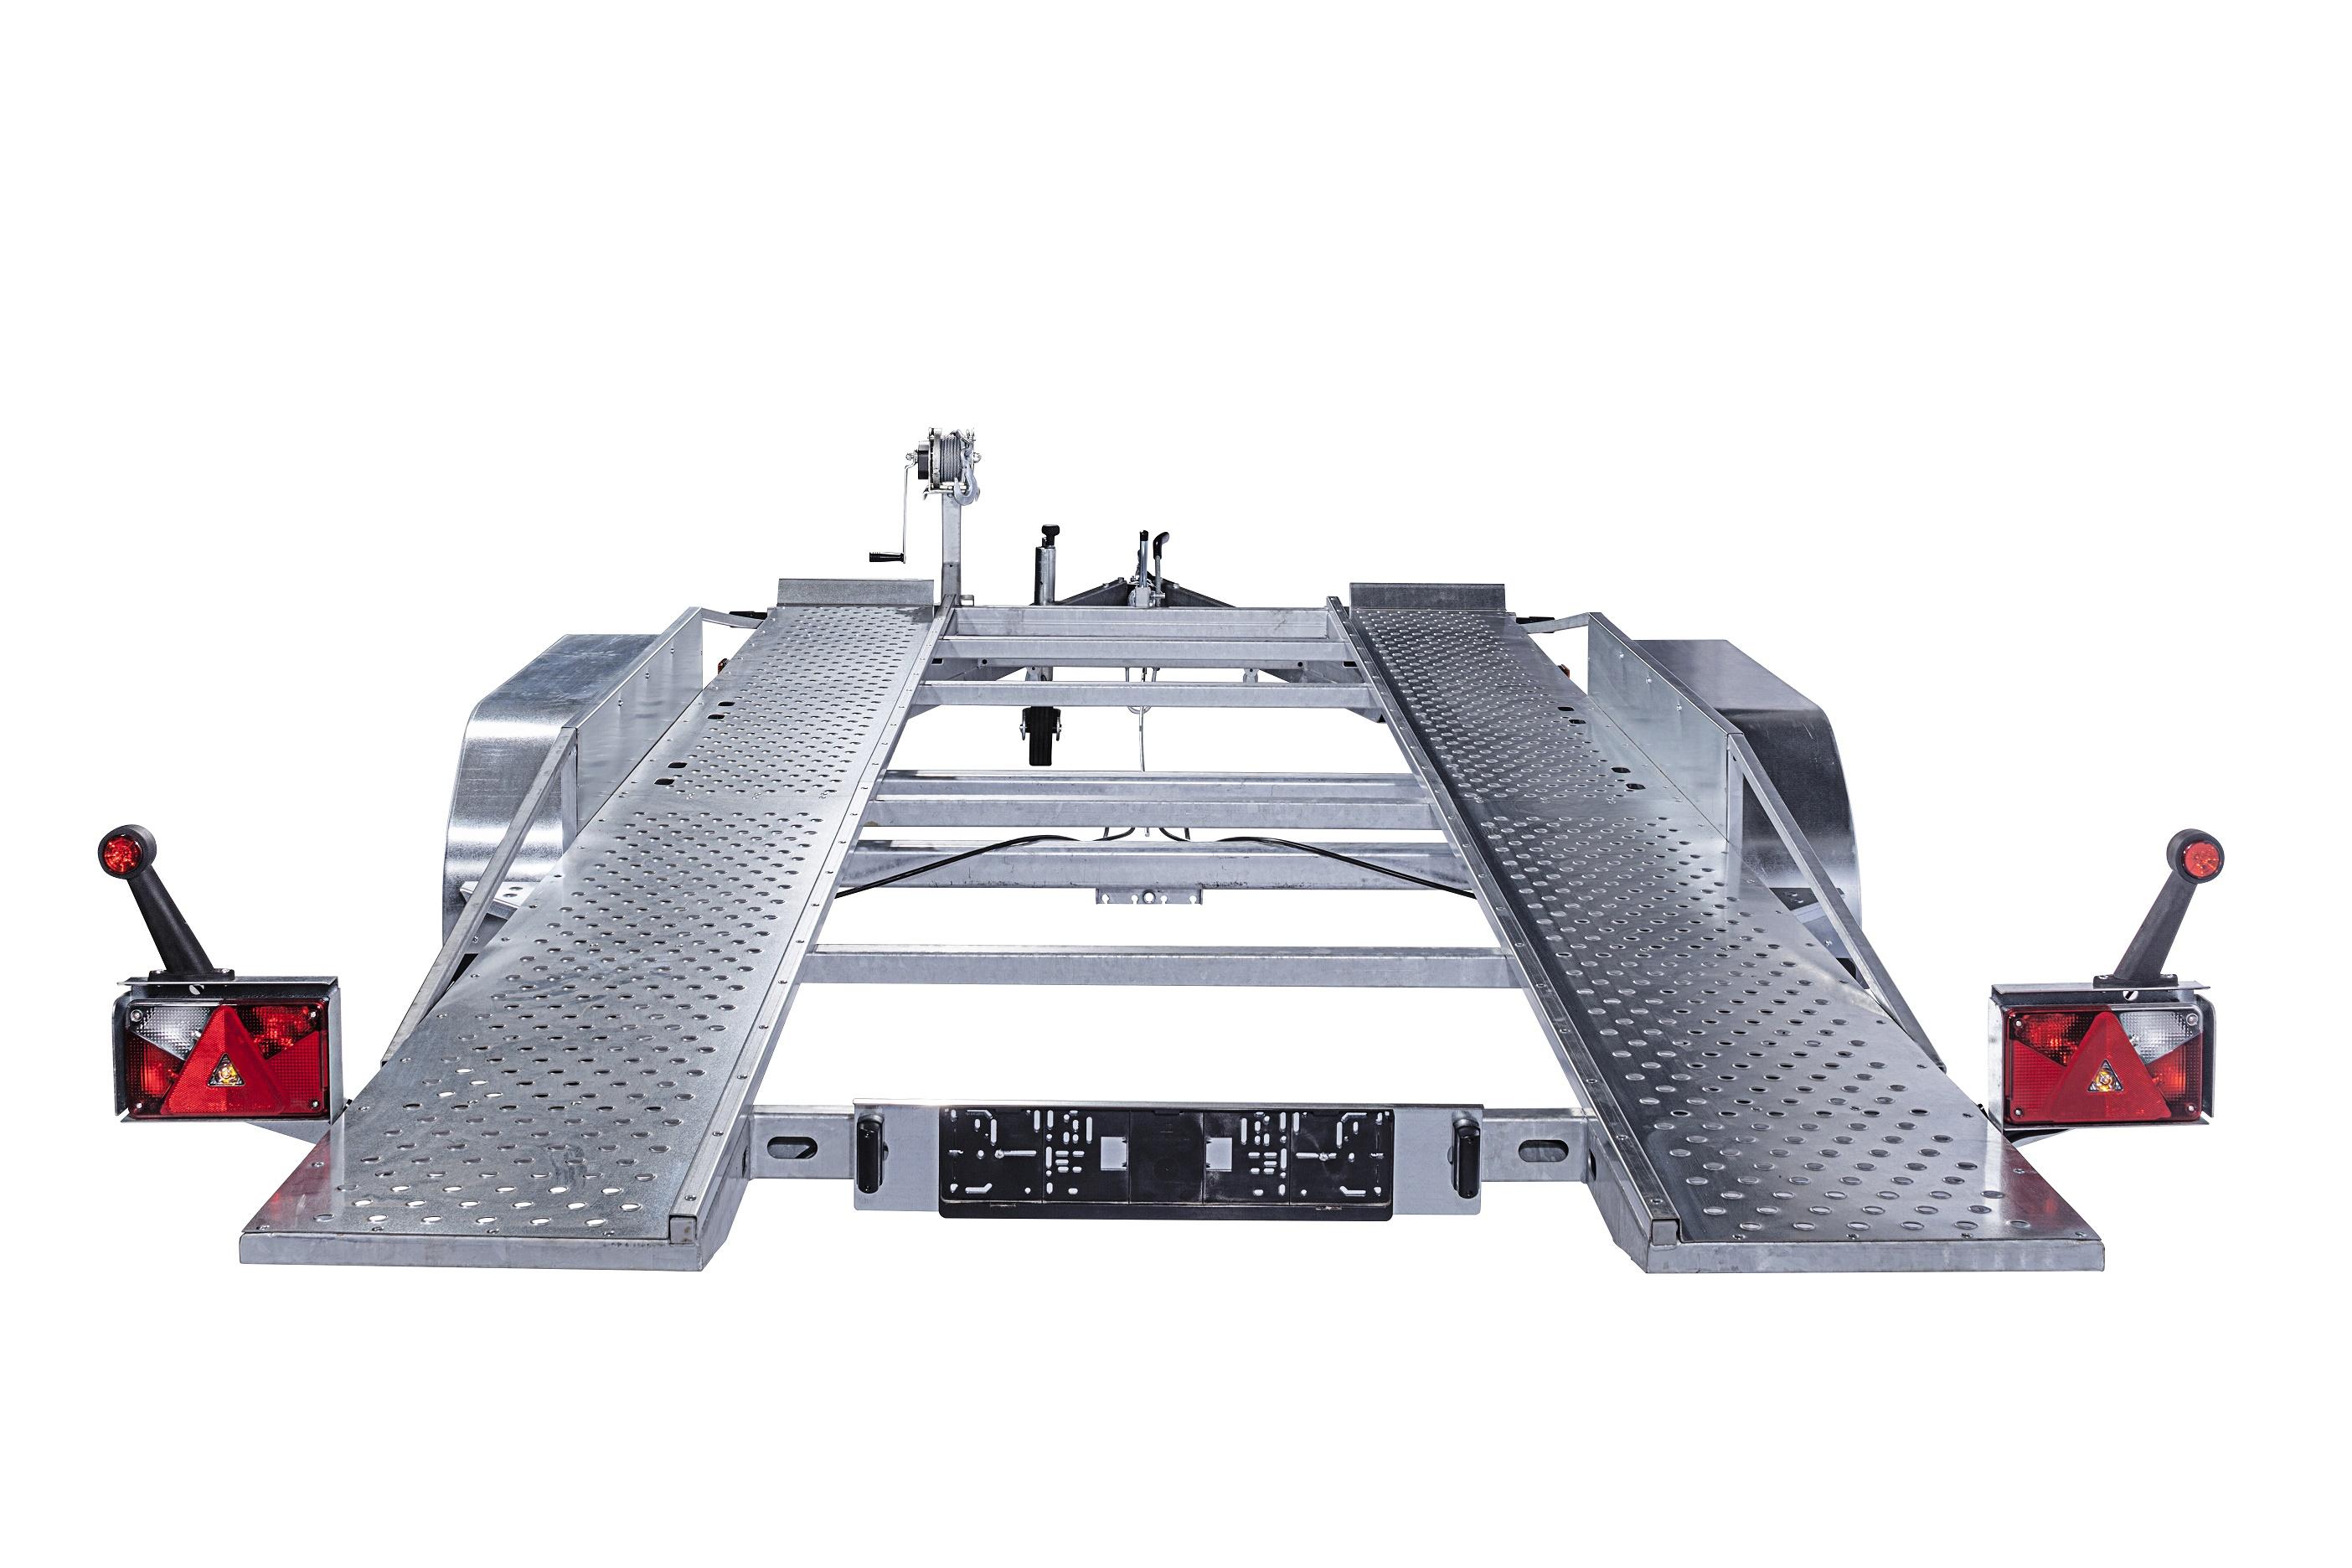 AP2600-DRB/N [Priekabų standartinė įranga gali skirtis nuo pavaizduotos komplektacijos paveiksliuke]